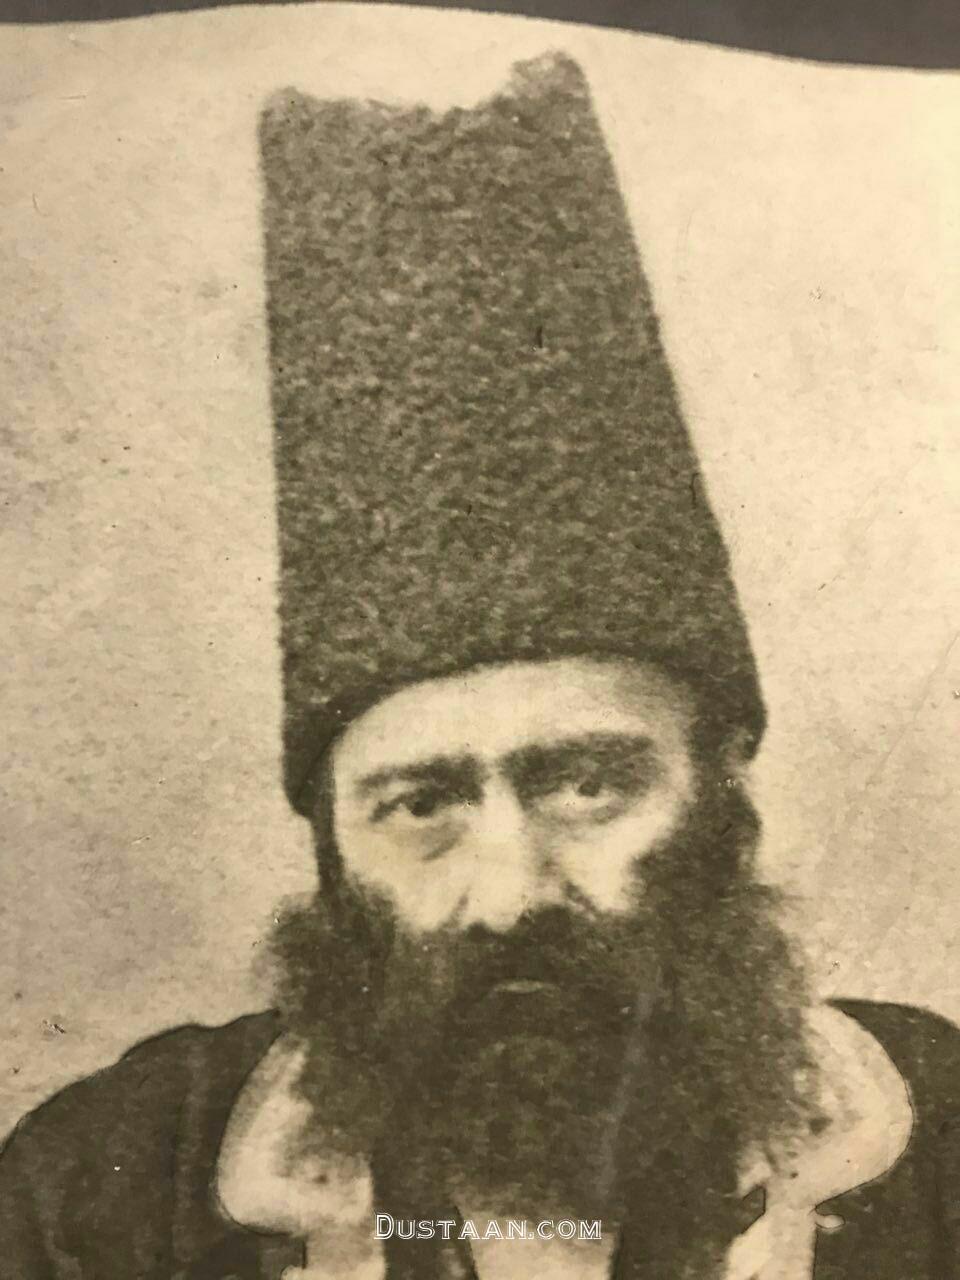 www.dustaan.com عکس واقعی میرزا تقی خان امیر کبیر را ببینید!